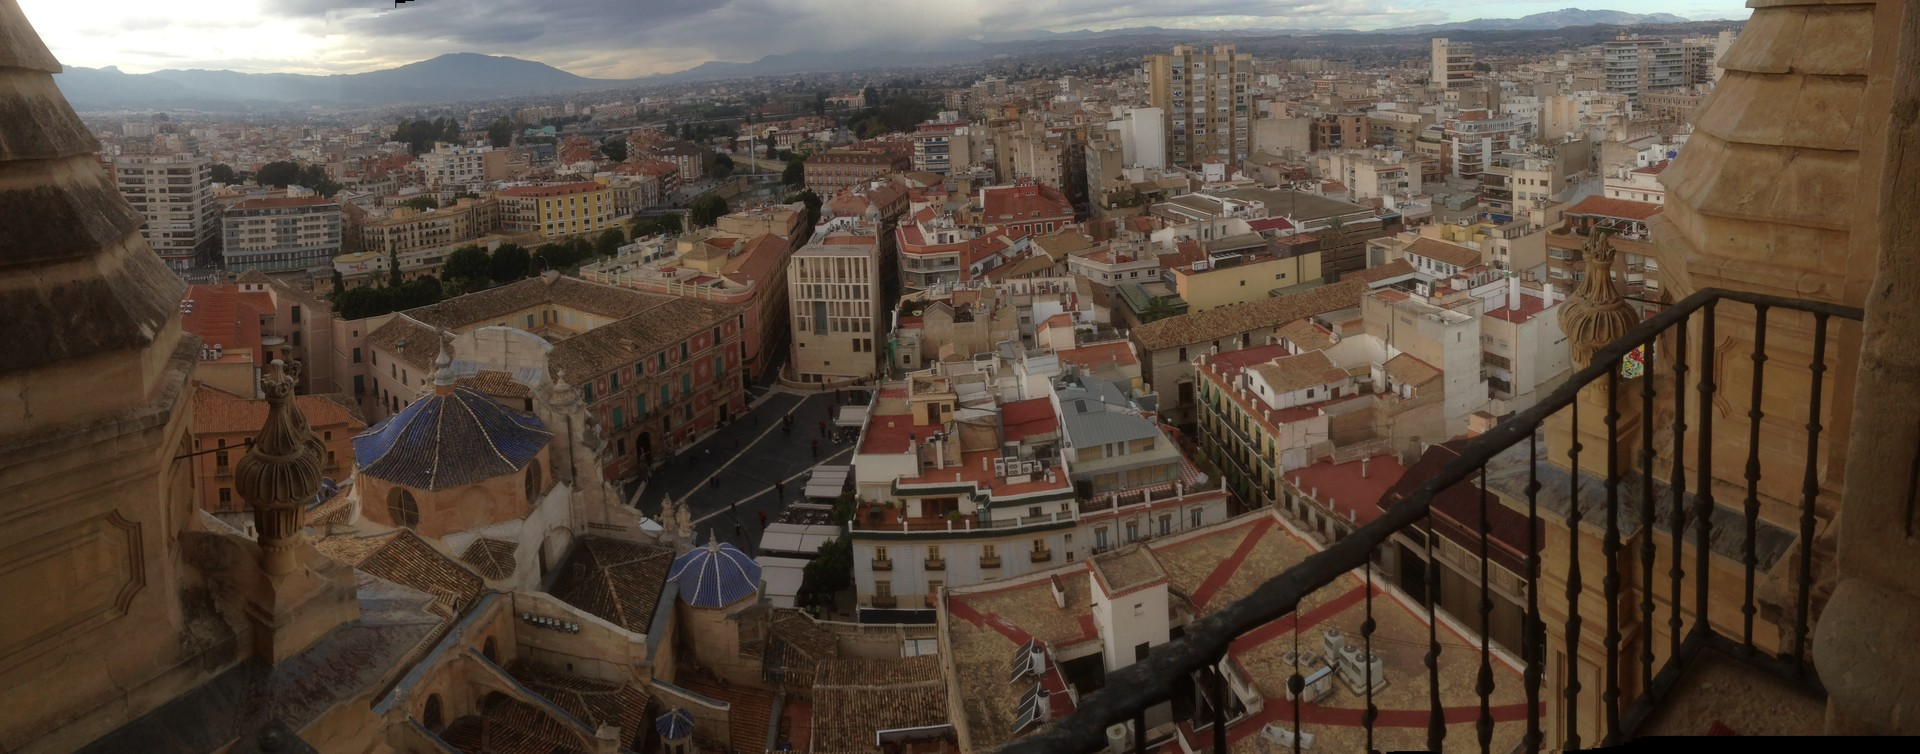 Wrażenia z Erasmusa w Murcji (Hiszpania), autorstwa Cláudia